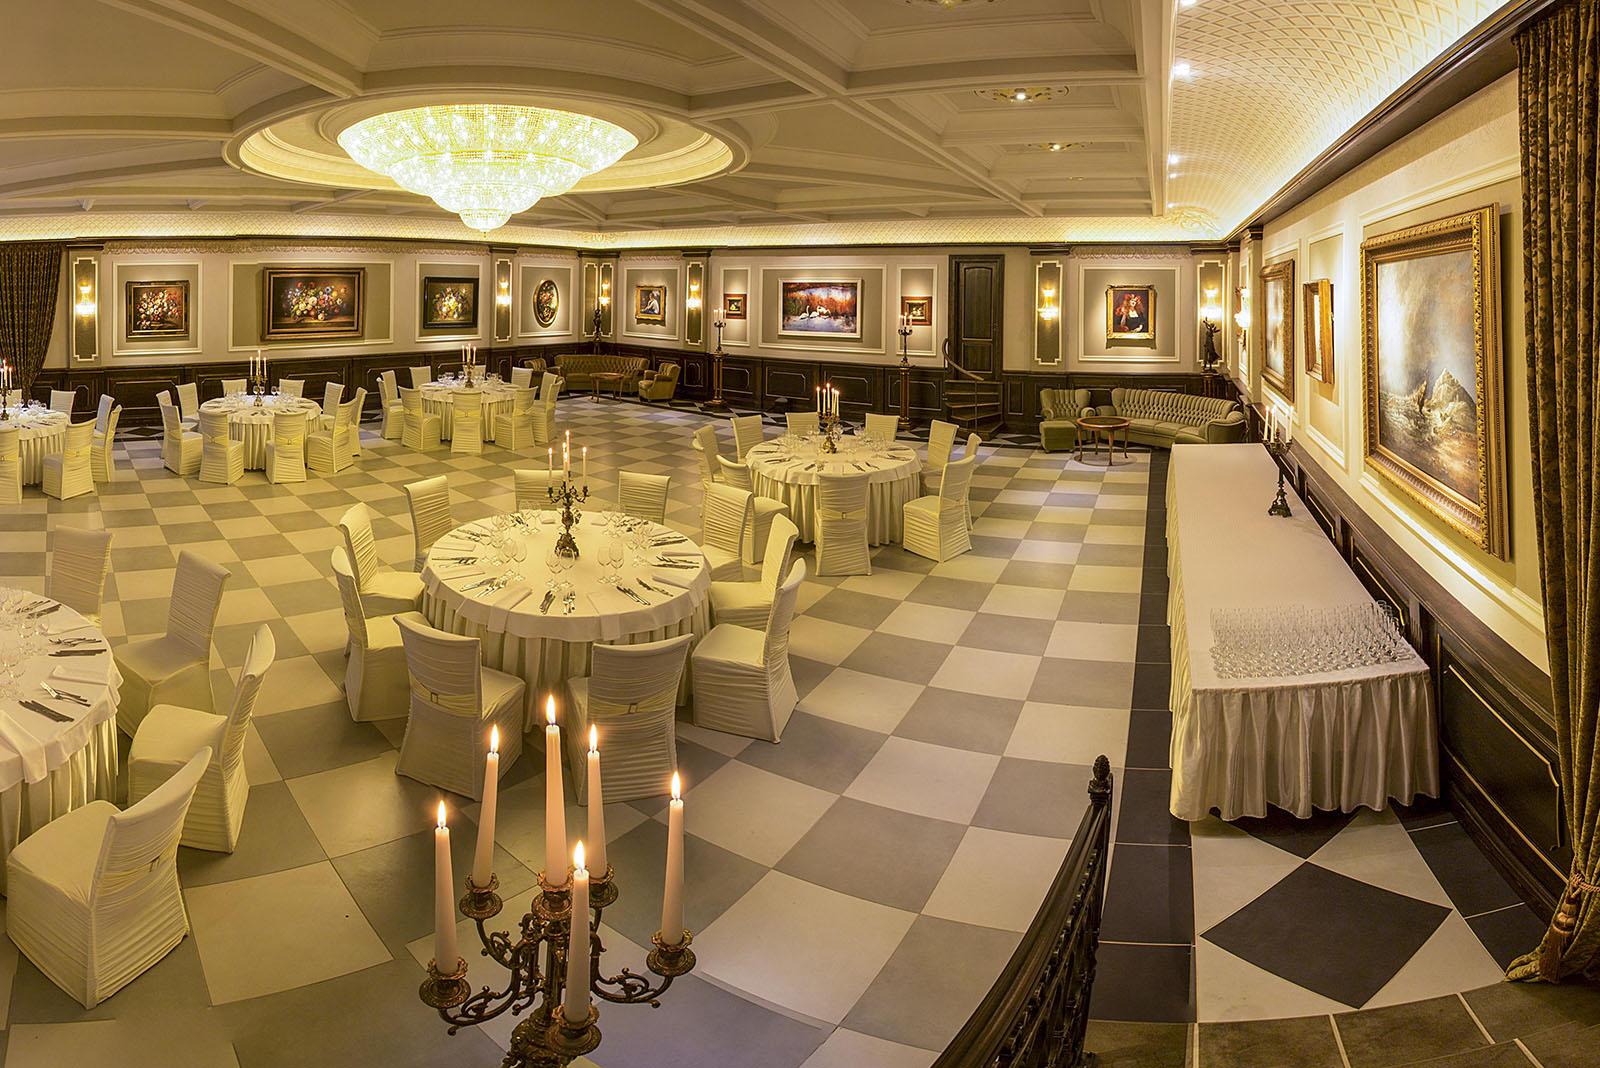 Prabangaus-klasikinio-stiliaus-pobuviu-sale-Belmonte-su-Classic-Line-Decor-apdailos- juostelemis-lipdinia